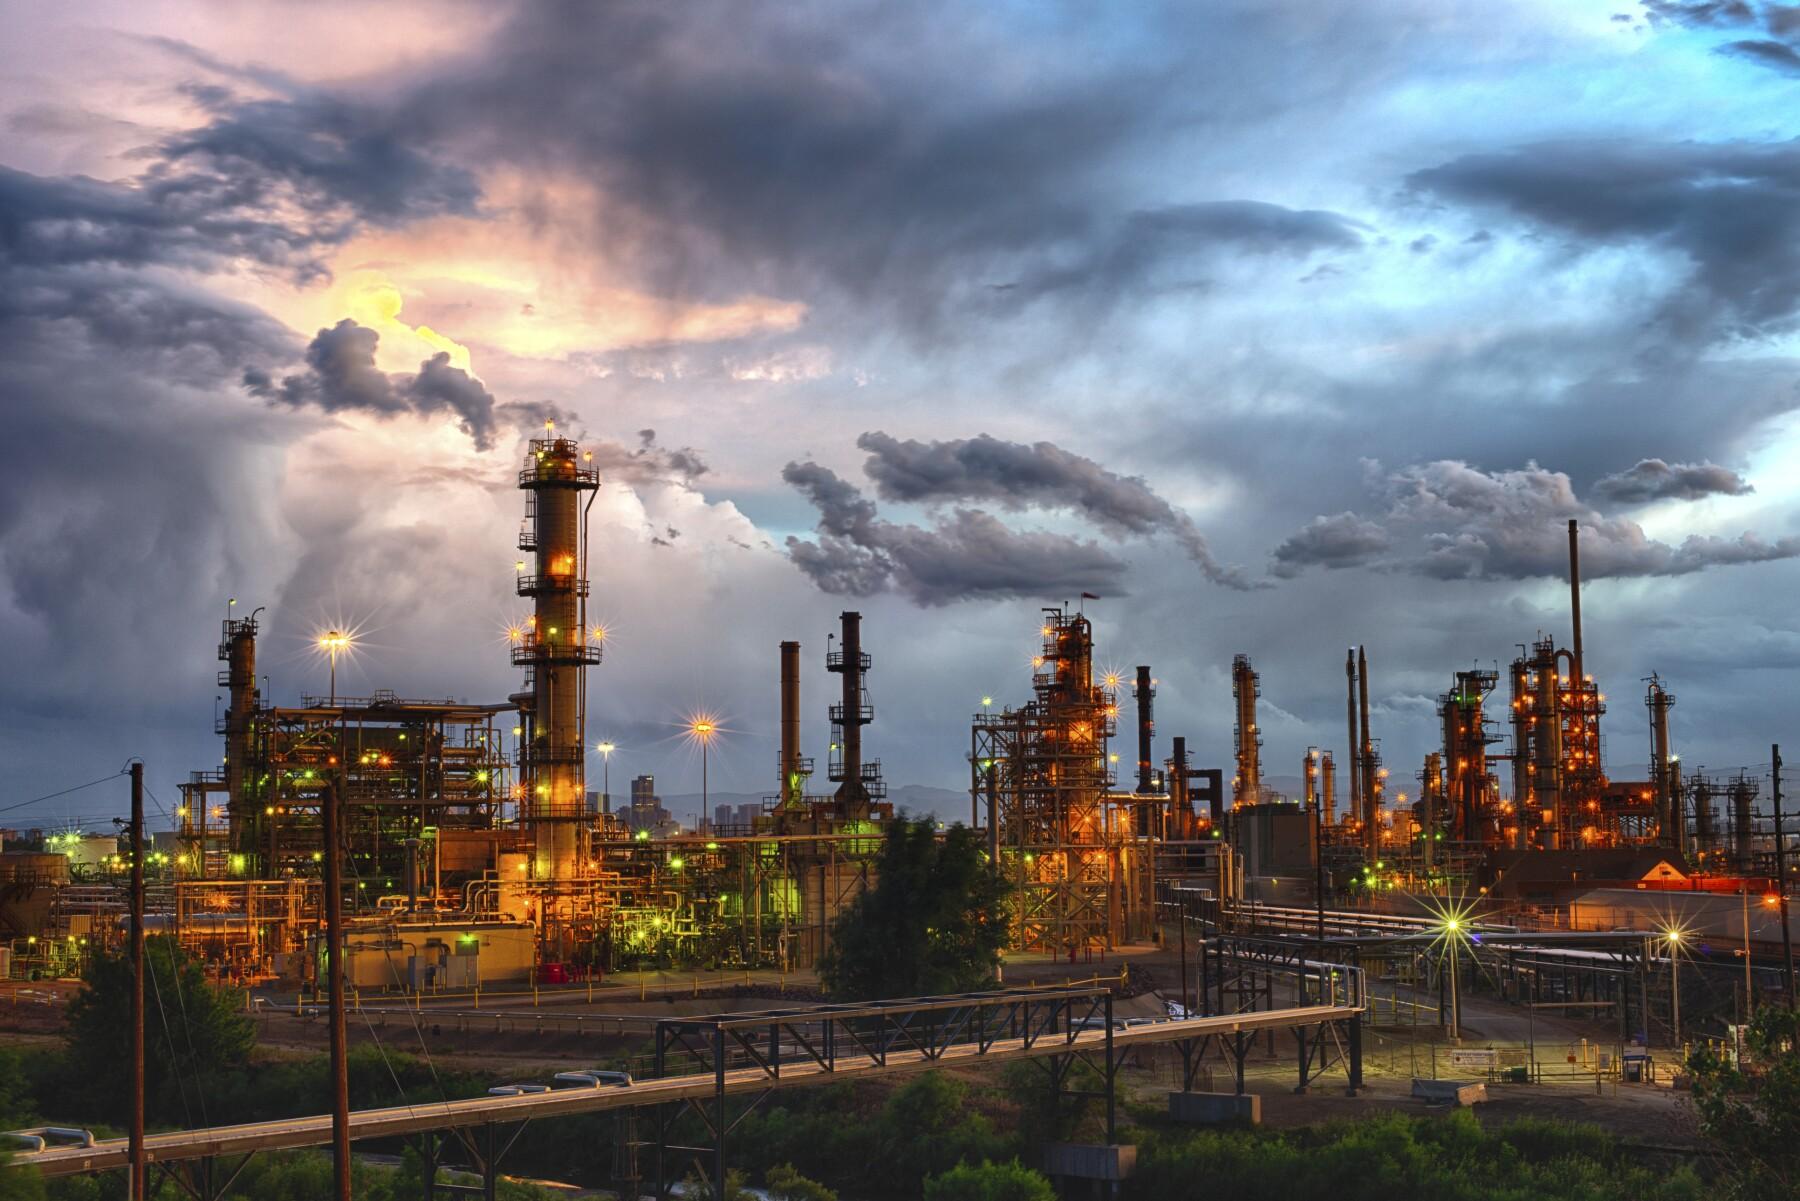 Denver Oil Refinery